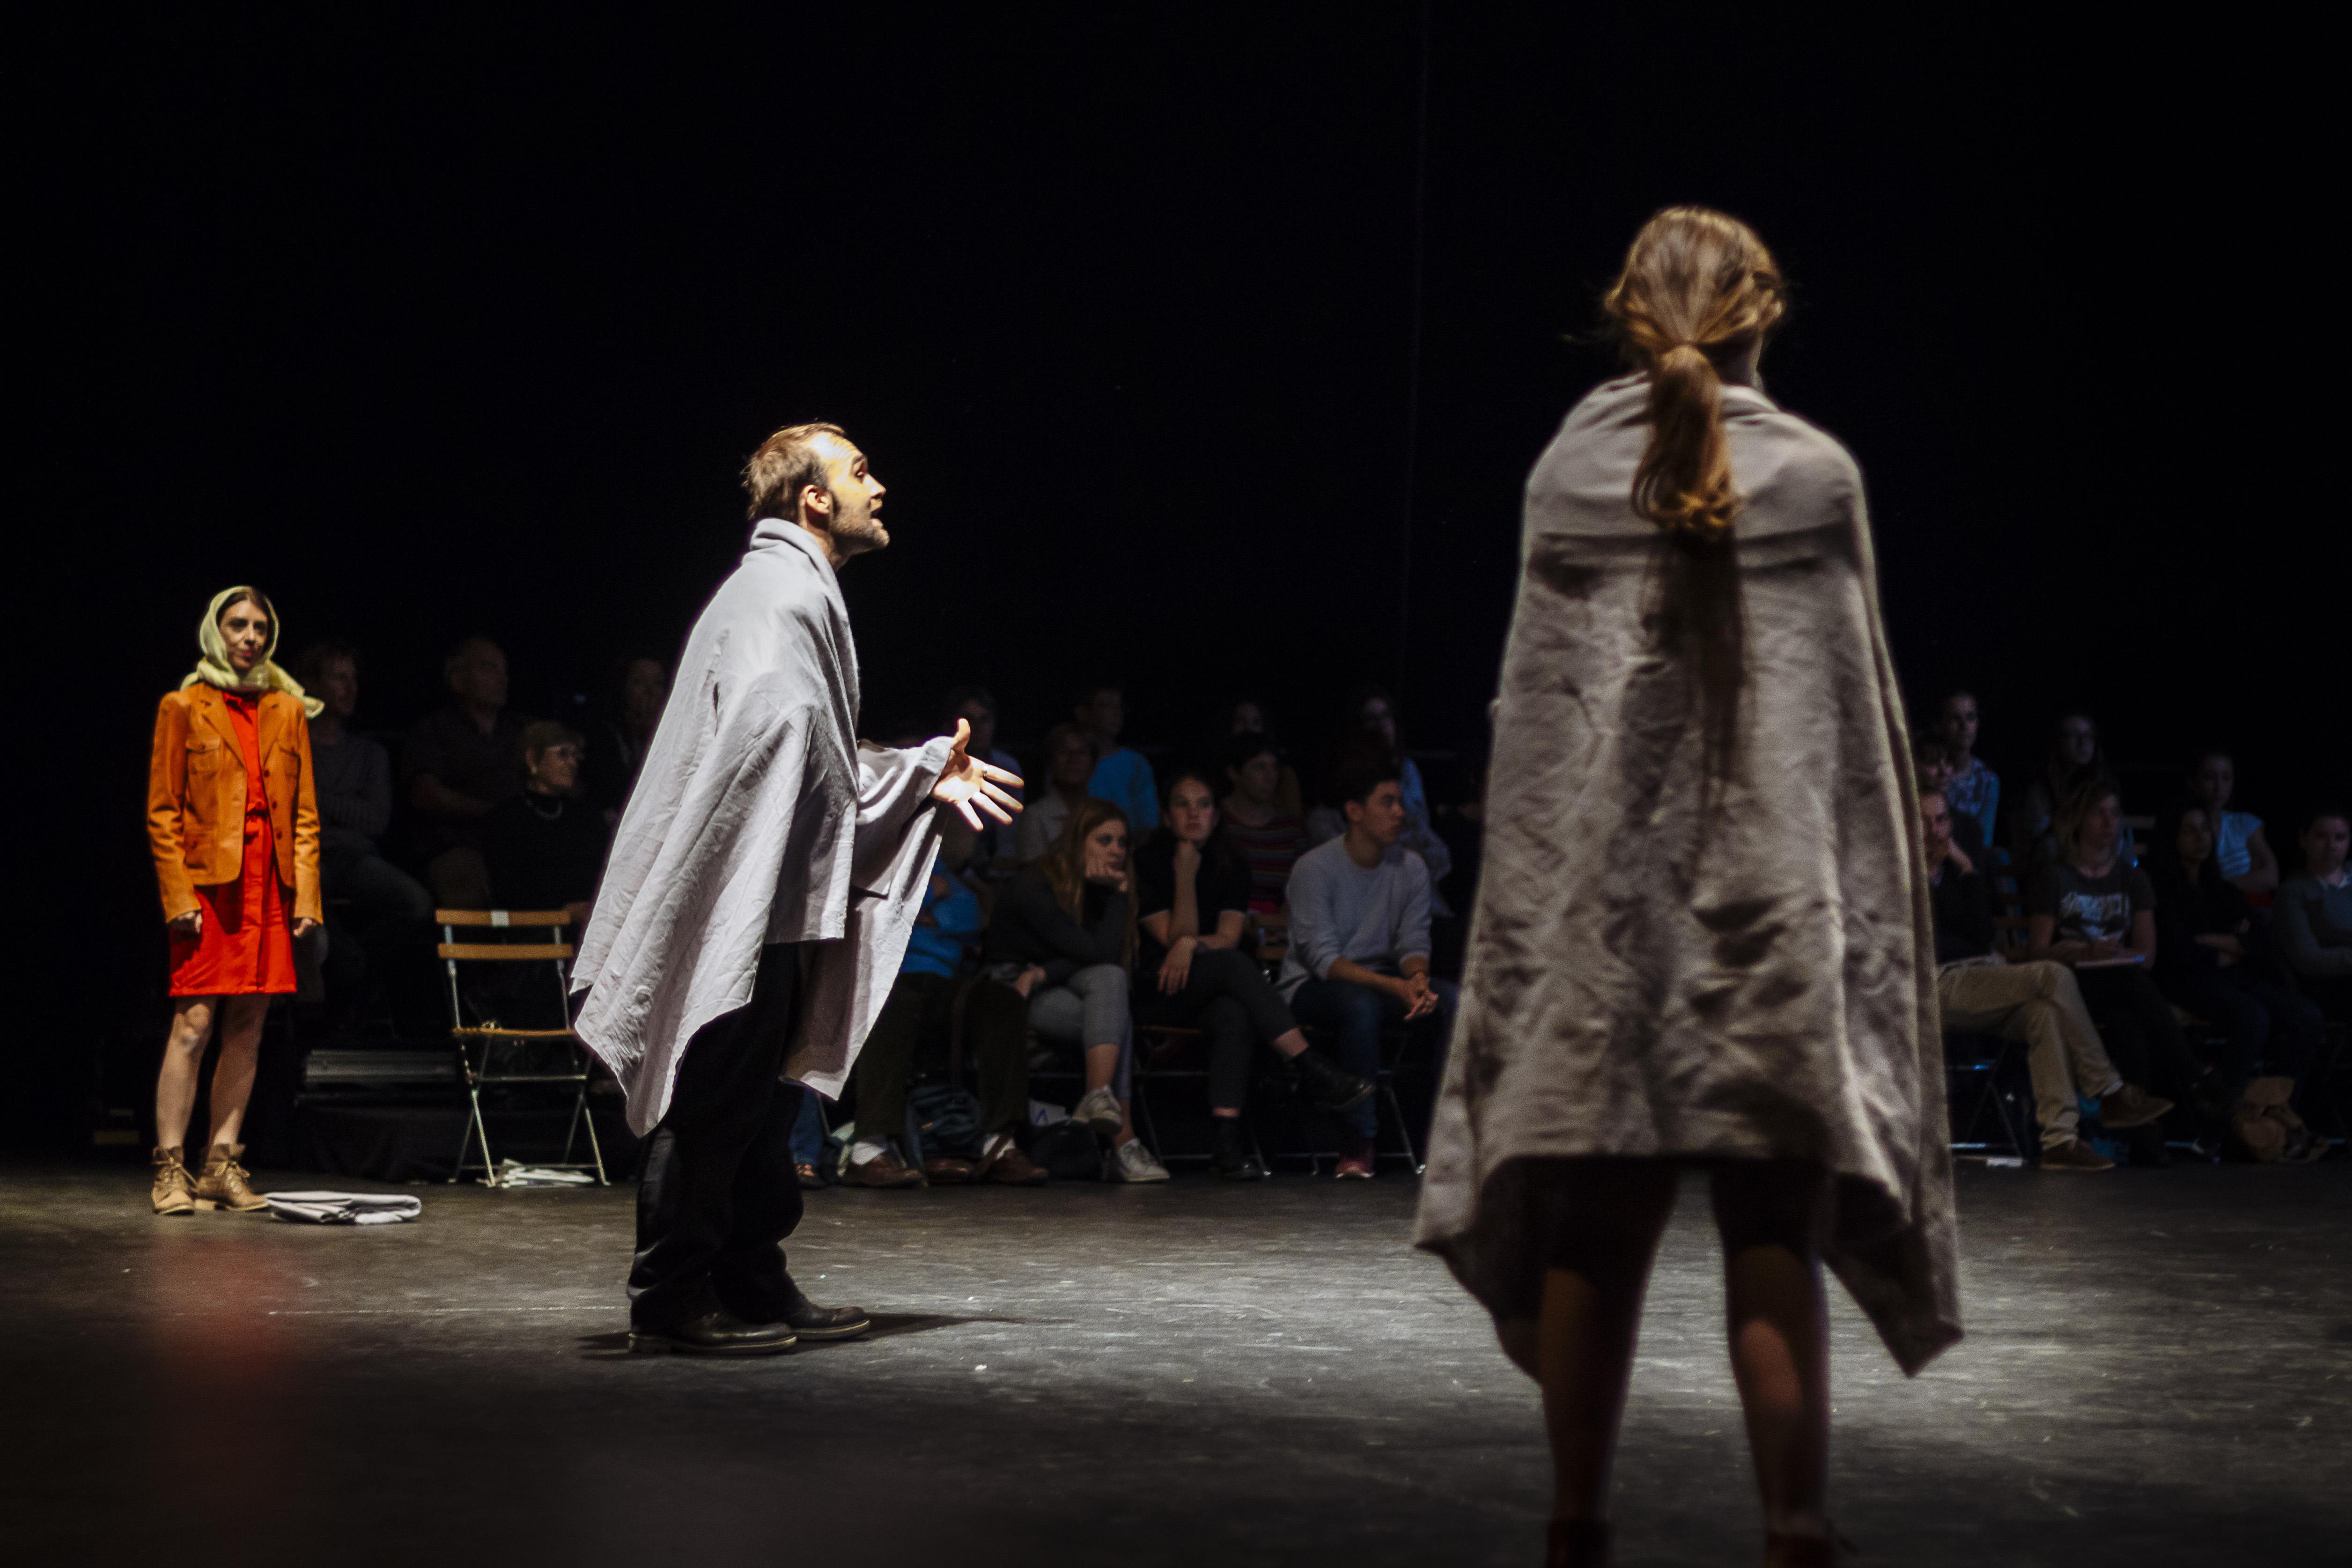 Antigone 82, Jean-Paul Wenzel met en scène Le Quatrième Mur de Sorj Chalandon - Critique sortie Théâtre Paris Théâtre de l'Epée de bois